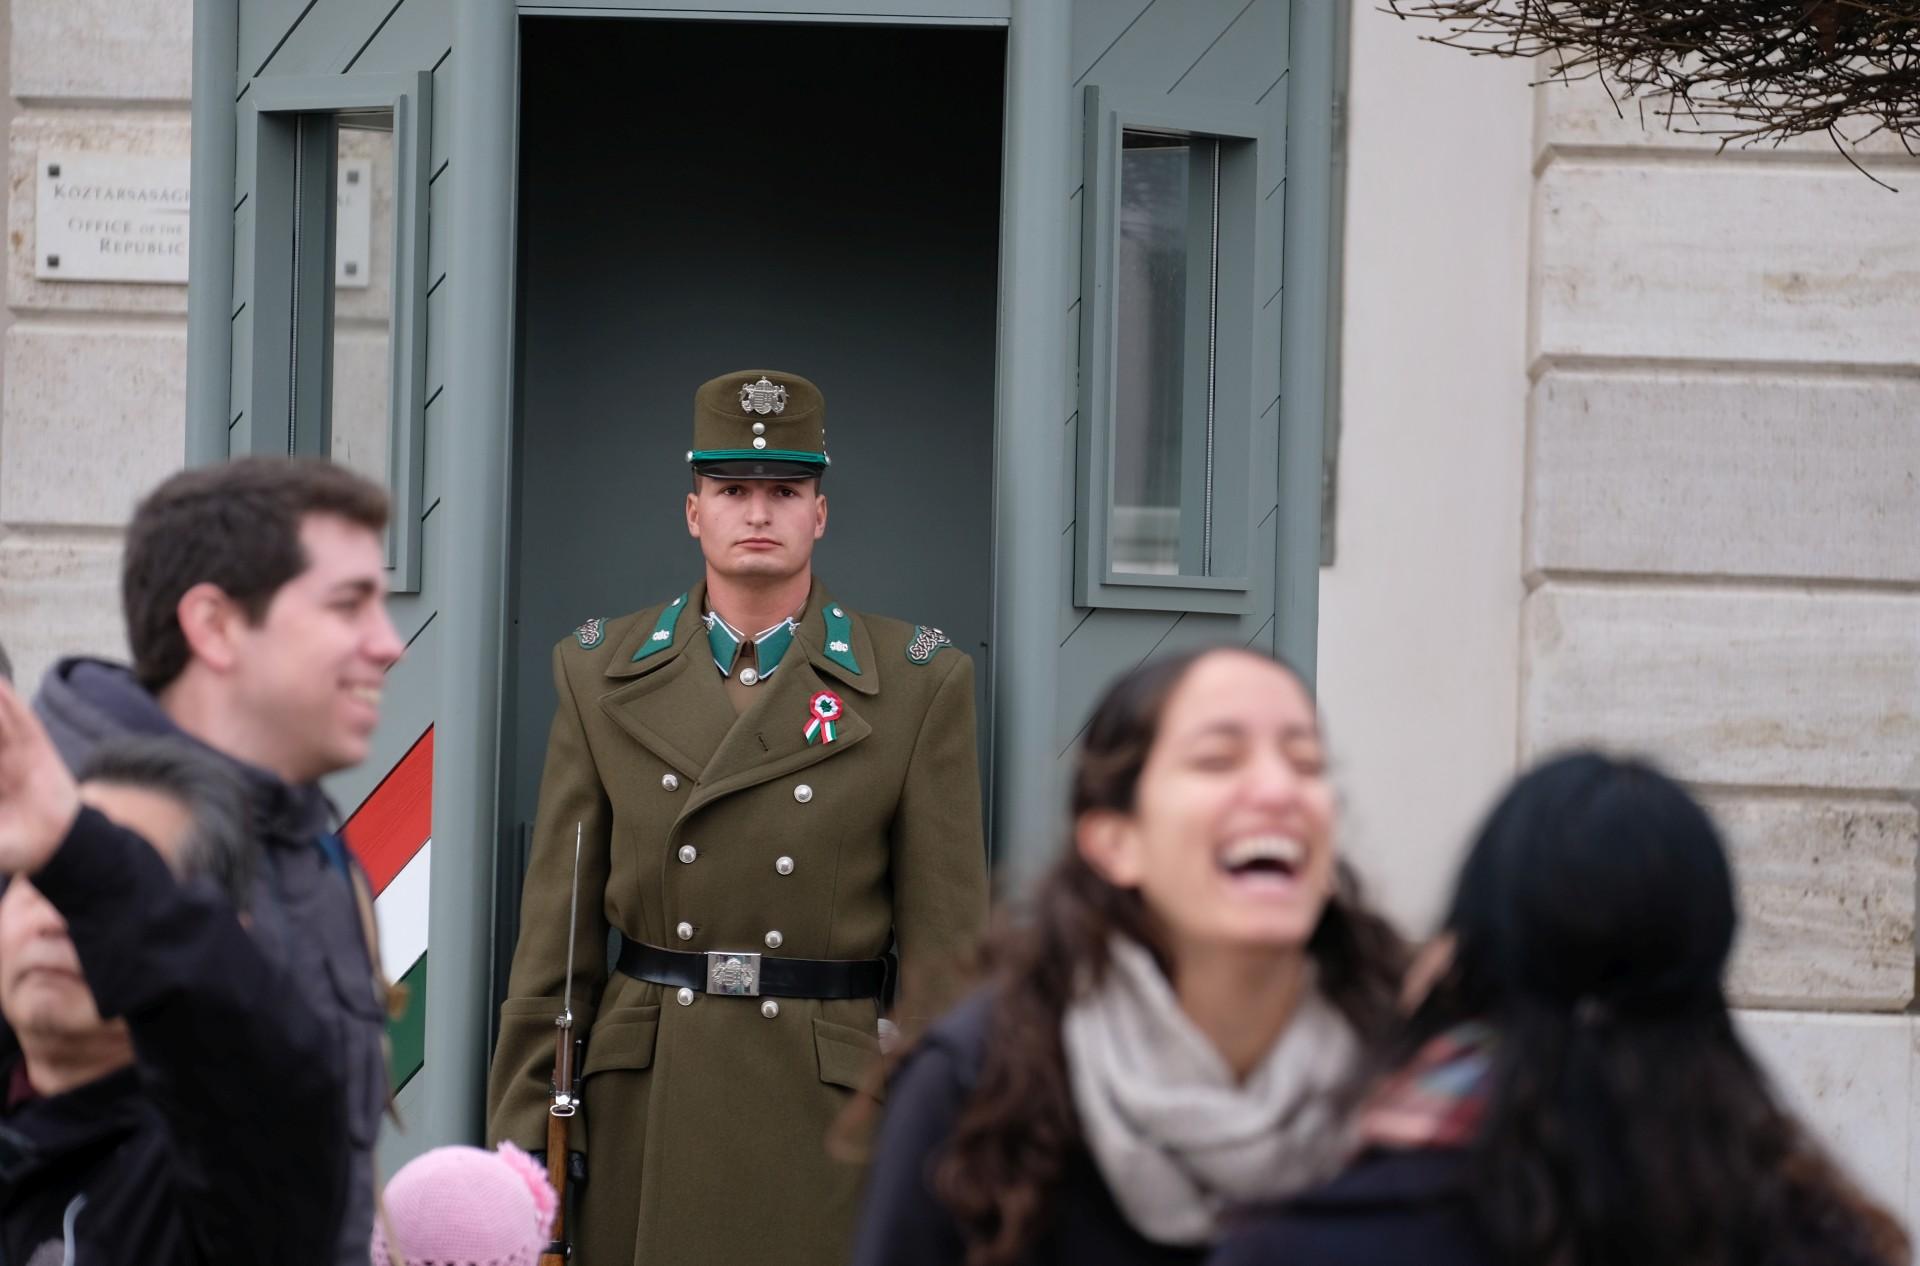 Ein Wachmann in Uniform und Passanten